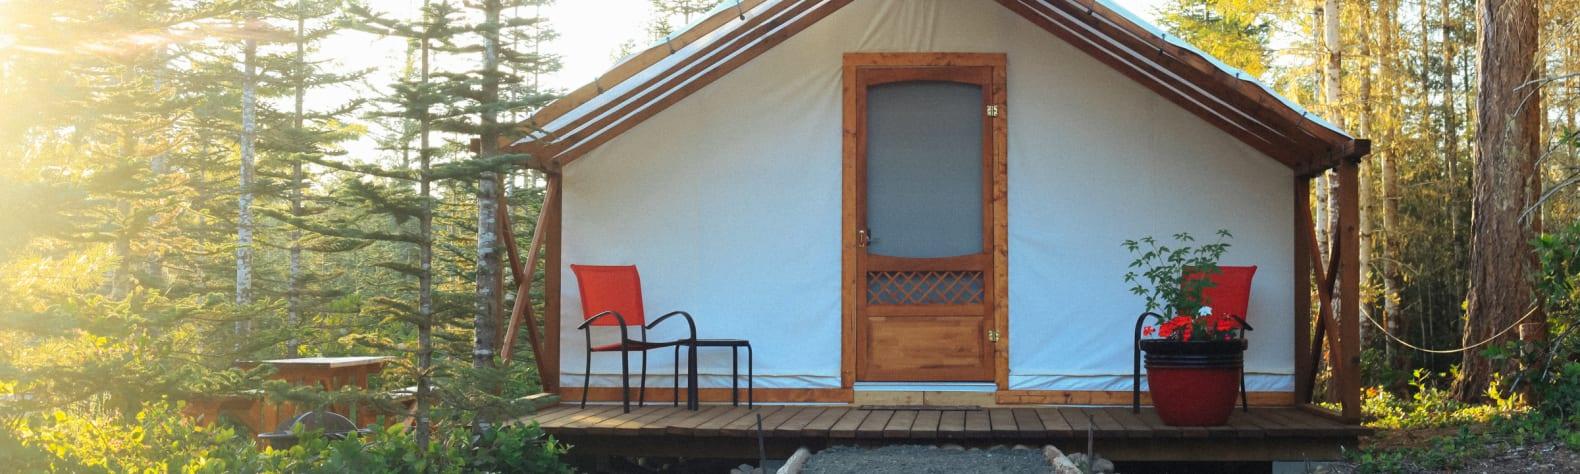 Tahuya Adventure Resort Camping